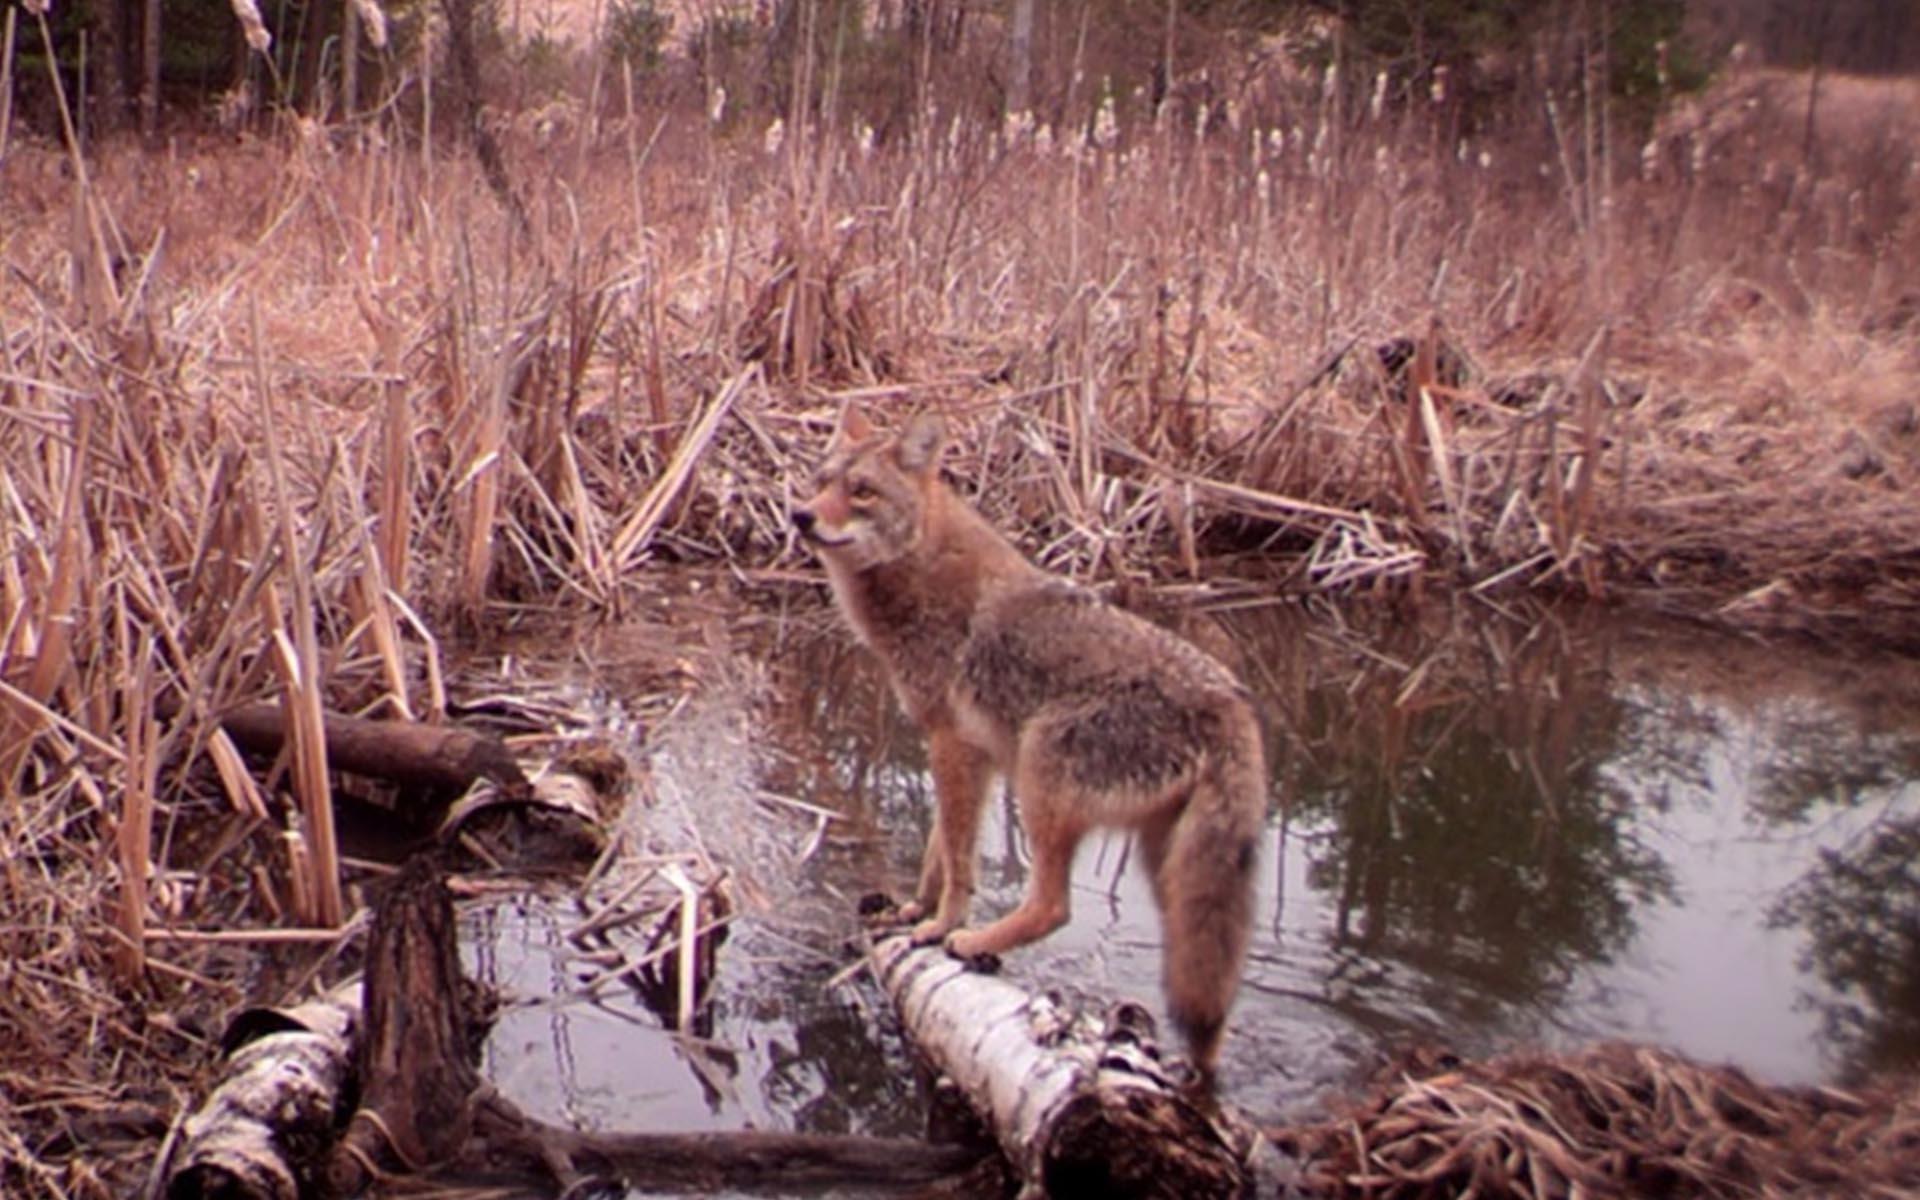 Permalink to:Eastern Wildway